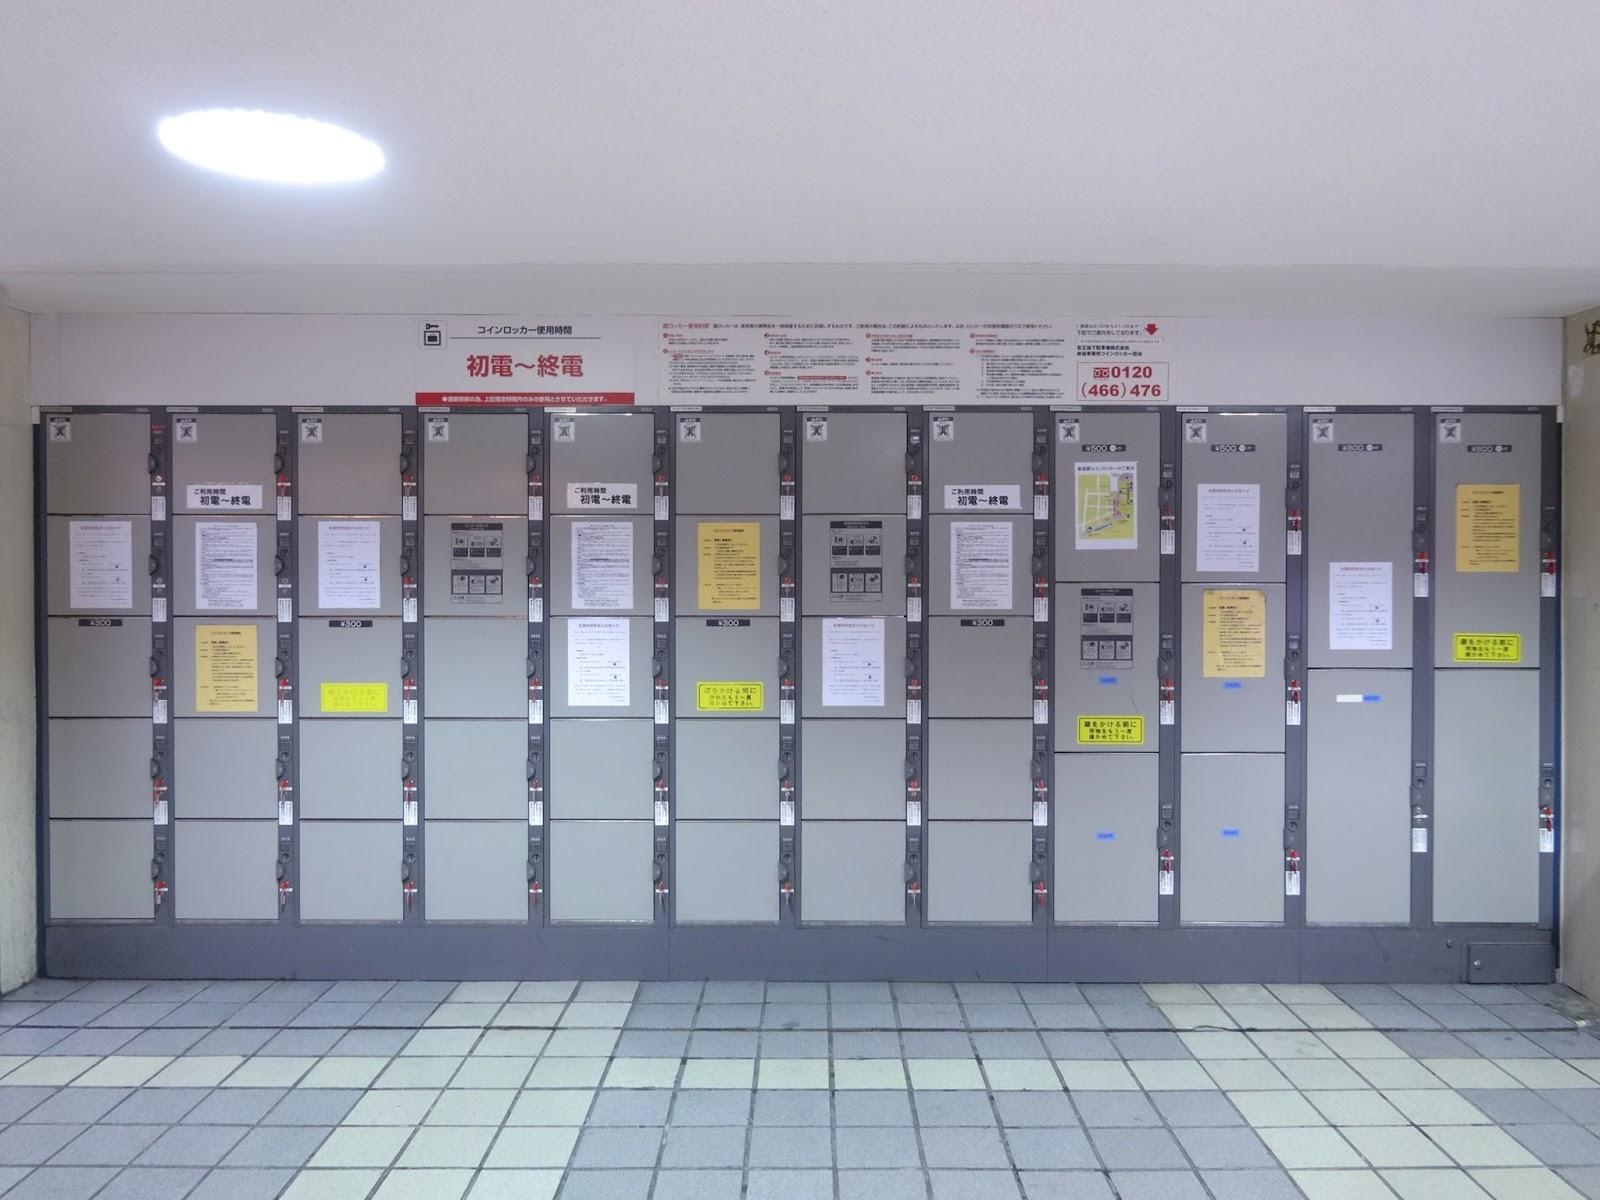 コインロッカー,JR新宿駅〈著作権フリー画像〉Free Stock Photos